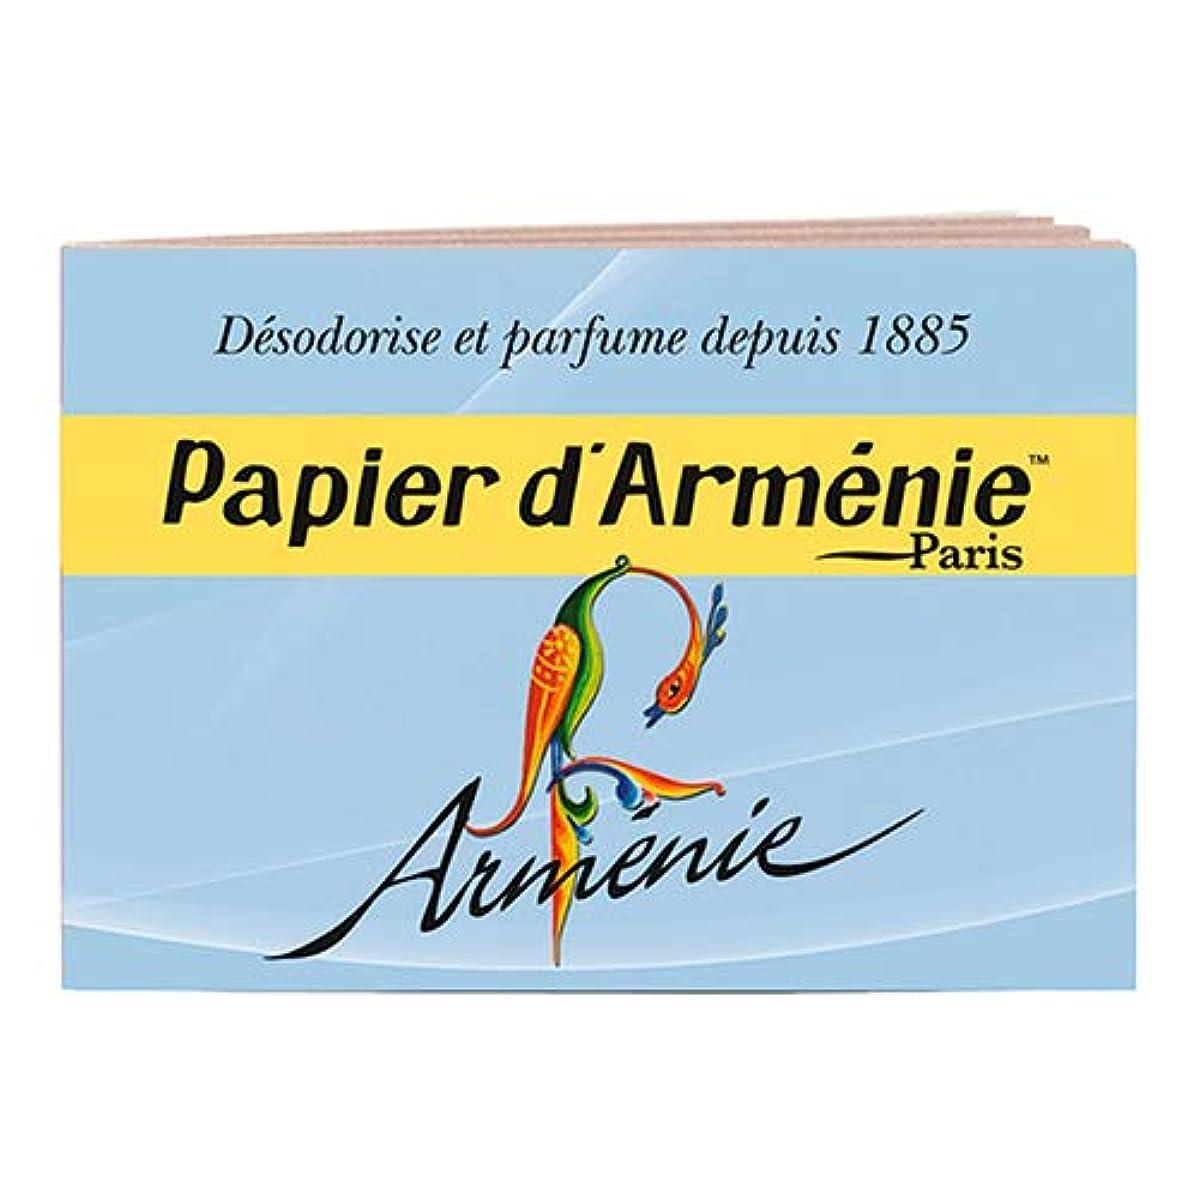 ファイアル繊細受け入れ【パピエダルメニイ】トリプル 3×12枚(36回分) アルメニイ 紙のお香 インセンス アロマペーパー PAPIER D'ARMENIE [並行輸入品]